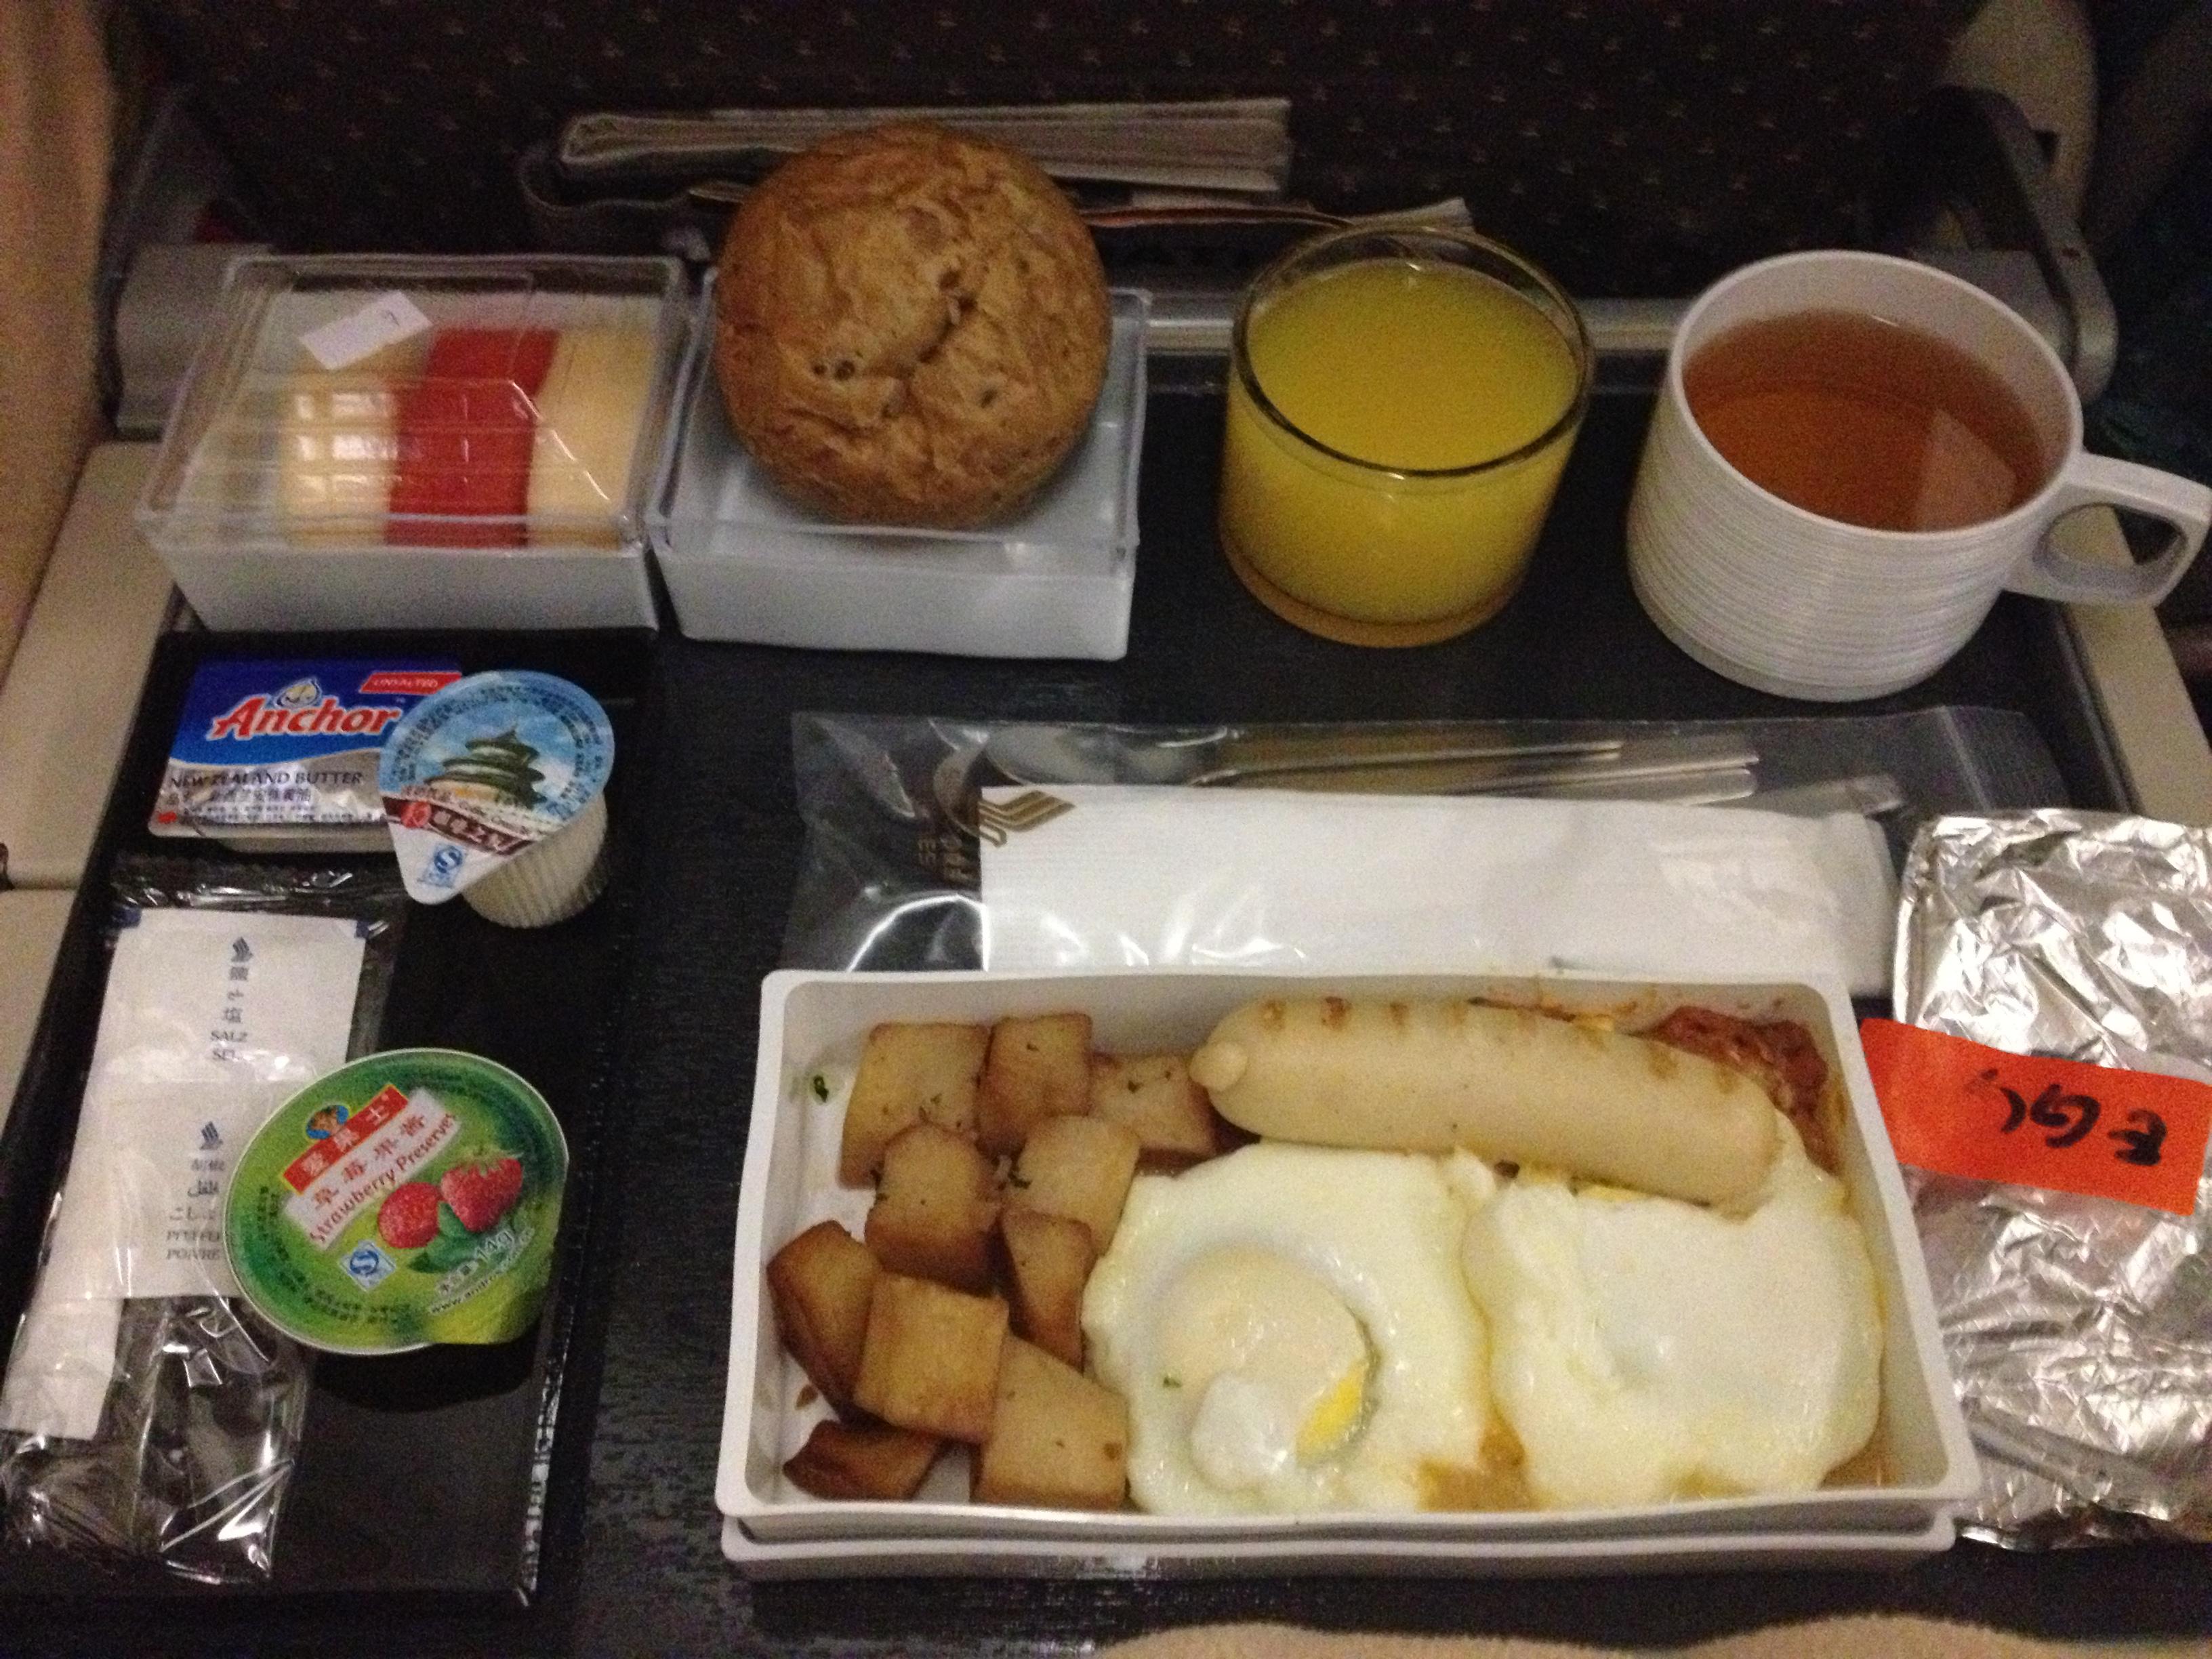 新航的早餐,由于飞机上睡的实在难受